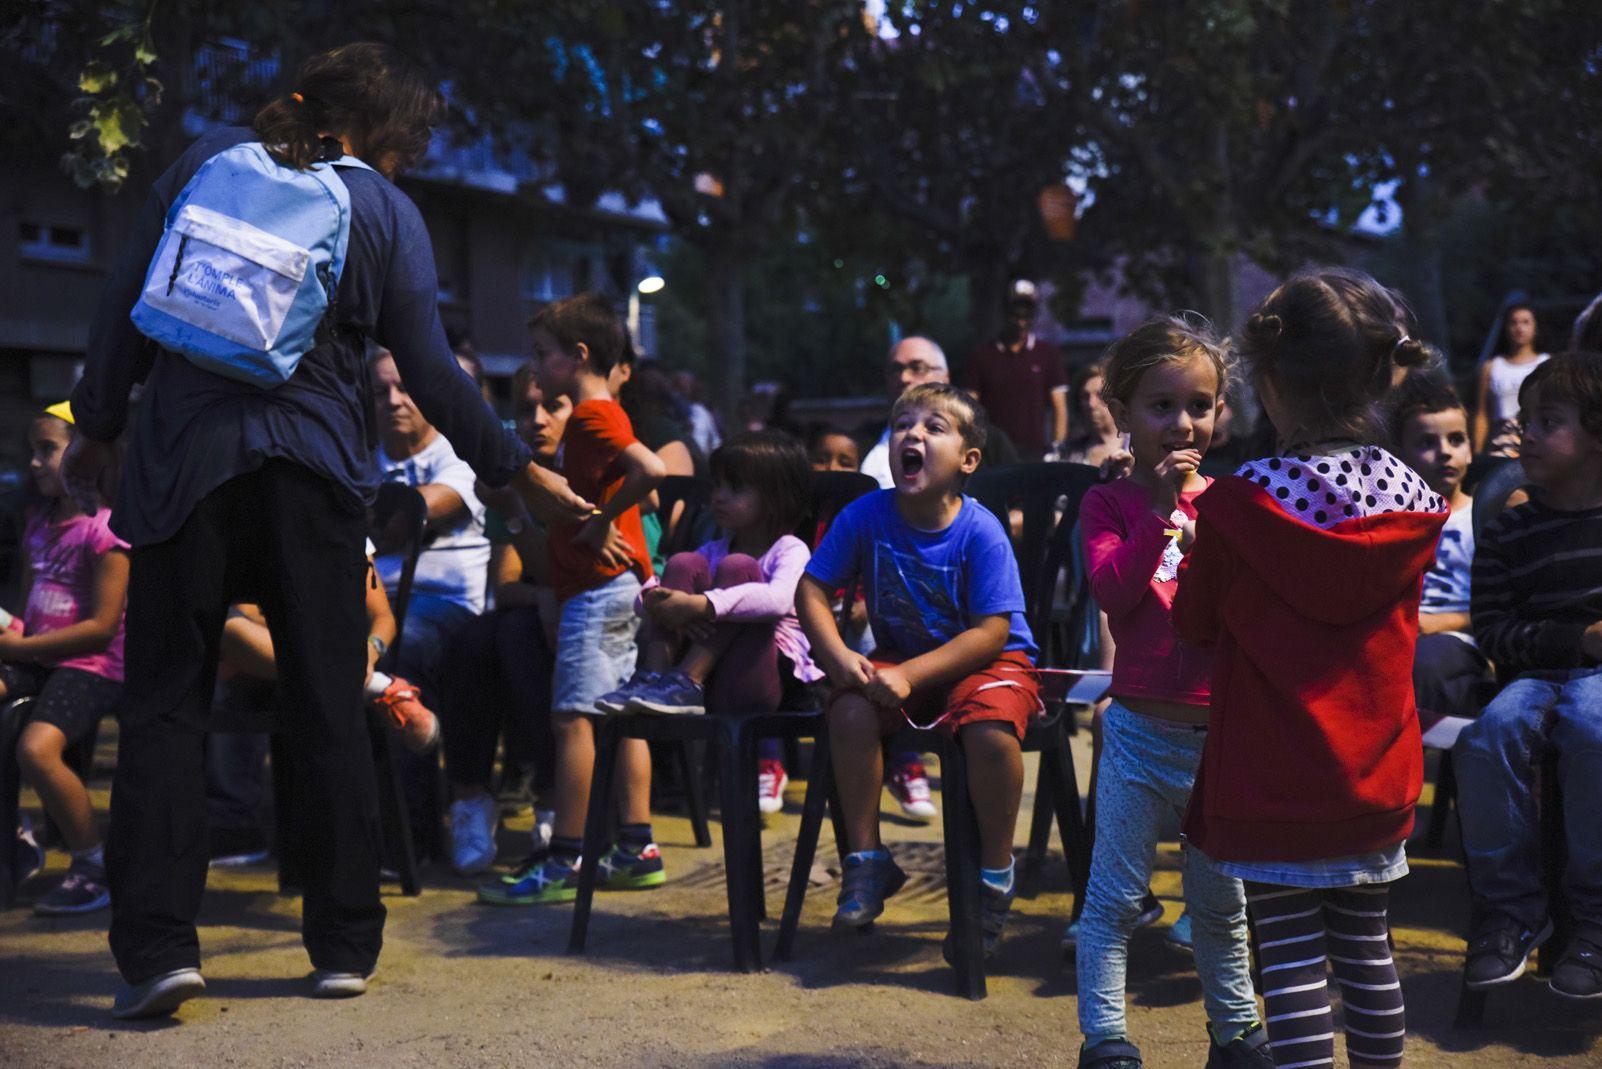 Pregó de Festa Major del barri Monestir Sant Francesc. Foto: Bernat Millet.